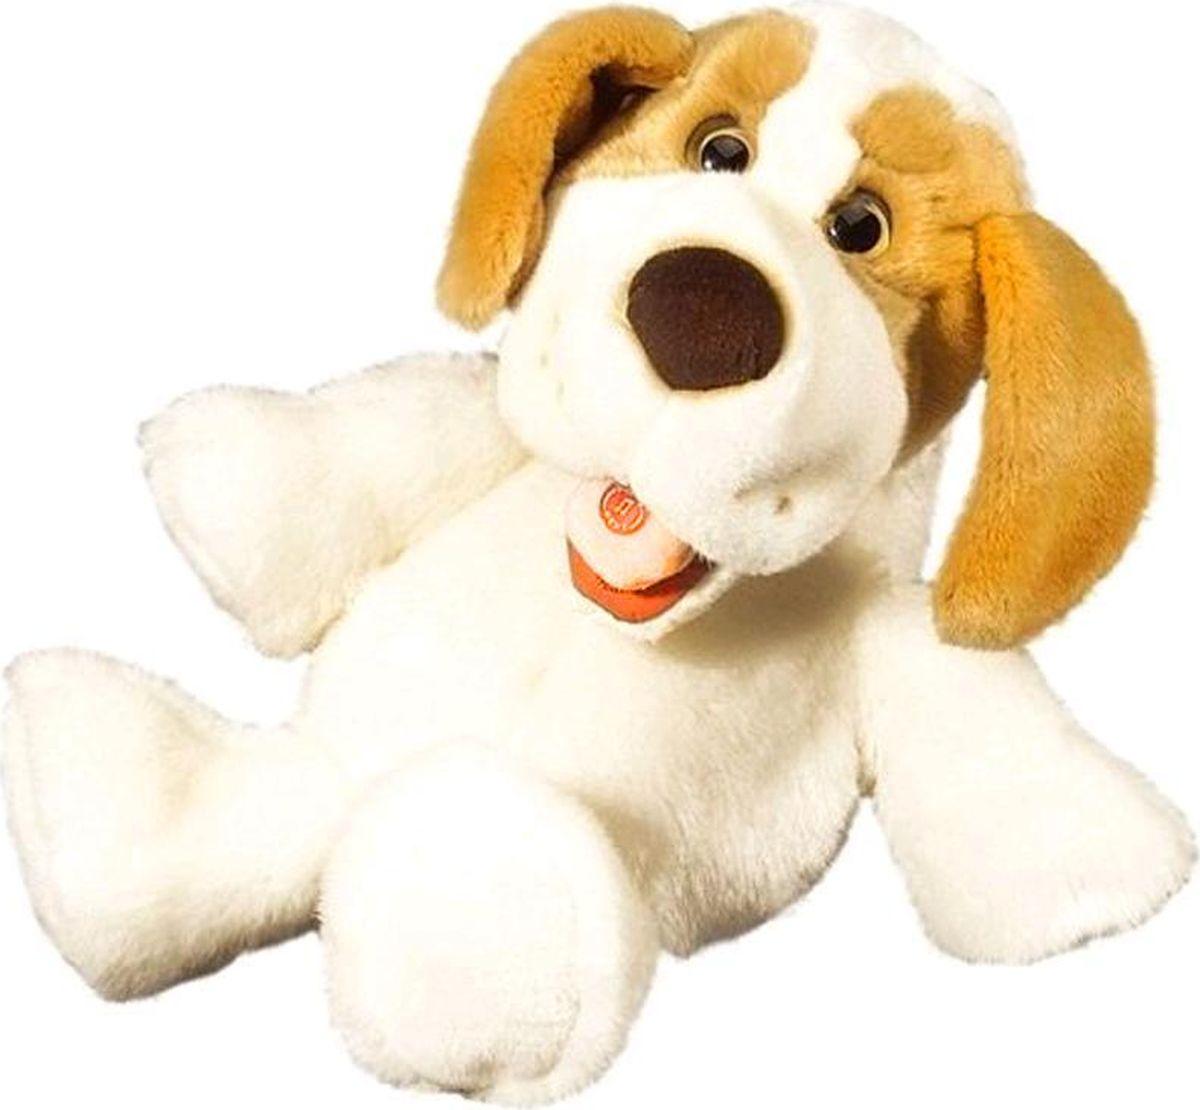 Bauer Кукла на руку Собака цвет белый, коричневый - Игрушки для малышей